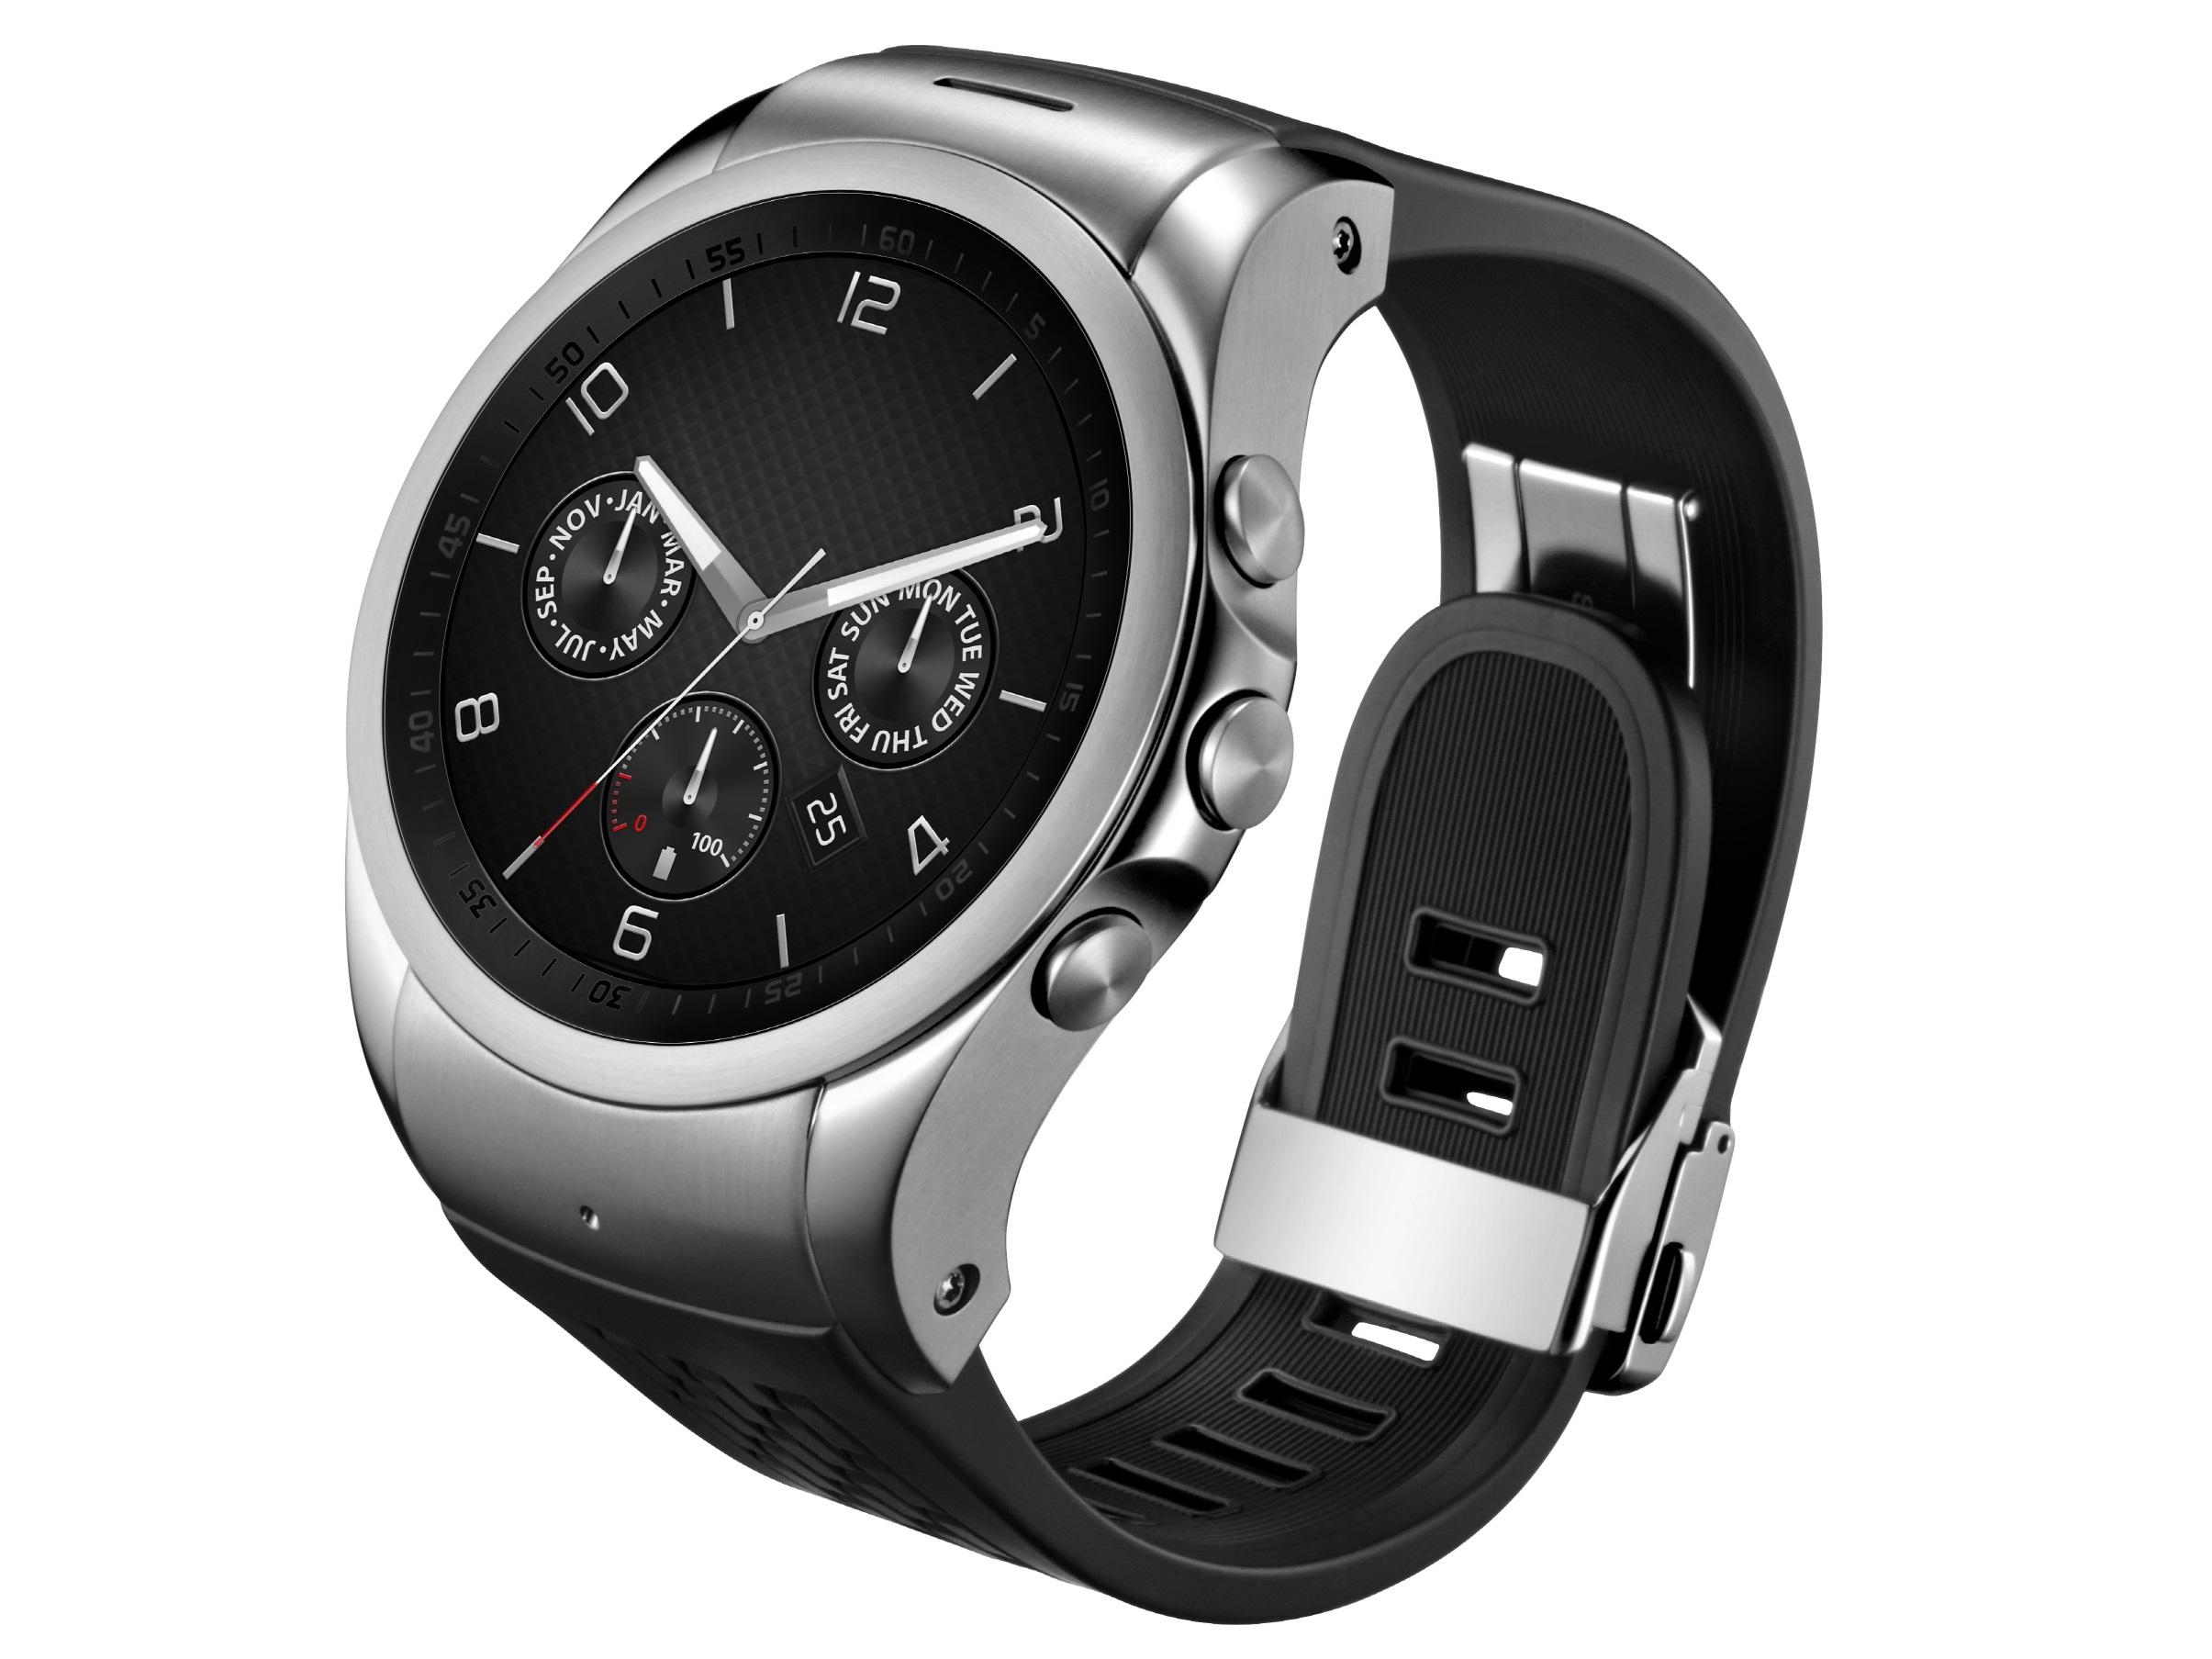 LG Urbane Smartwatch 3